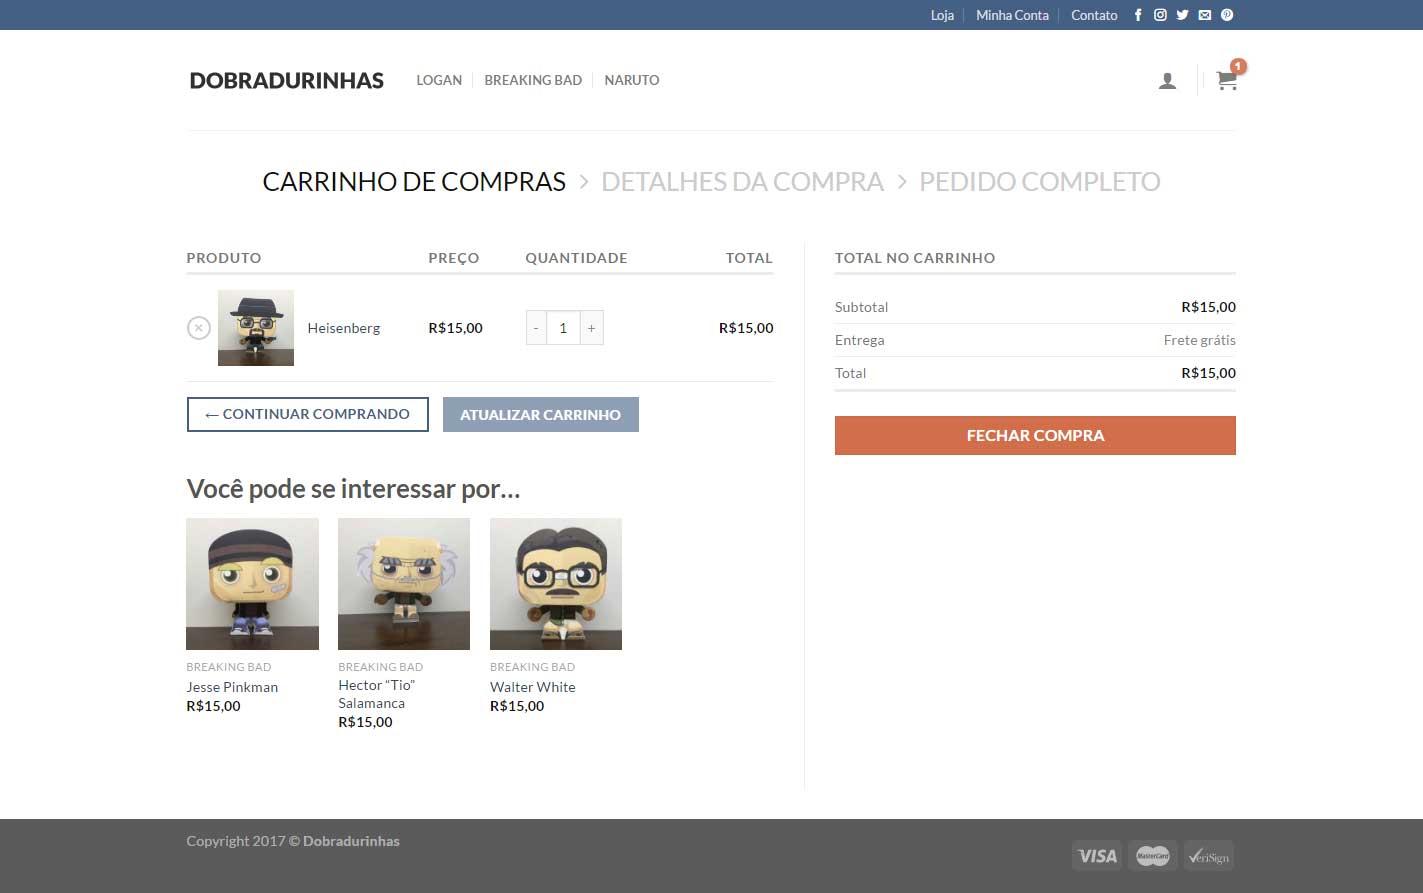 Dobradurinhas - Carrinho Novo